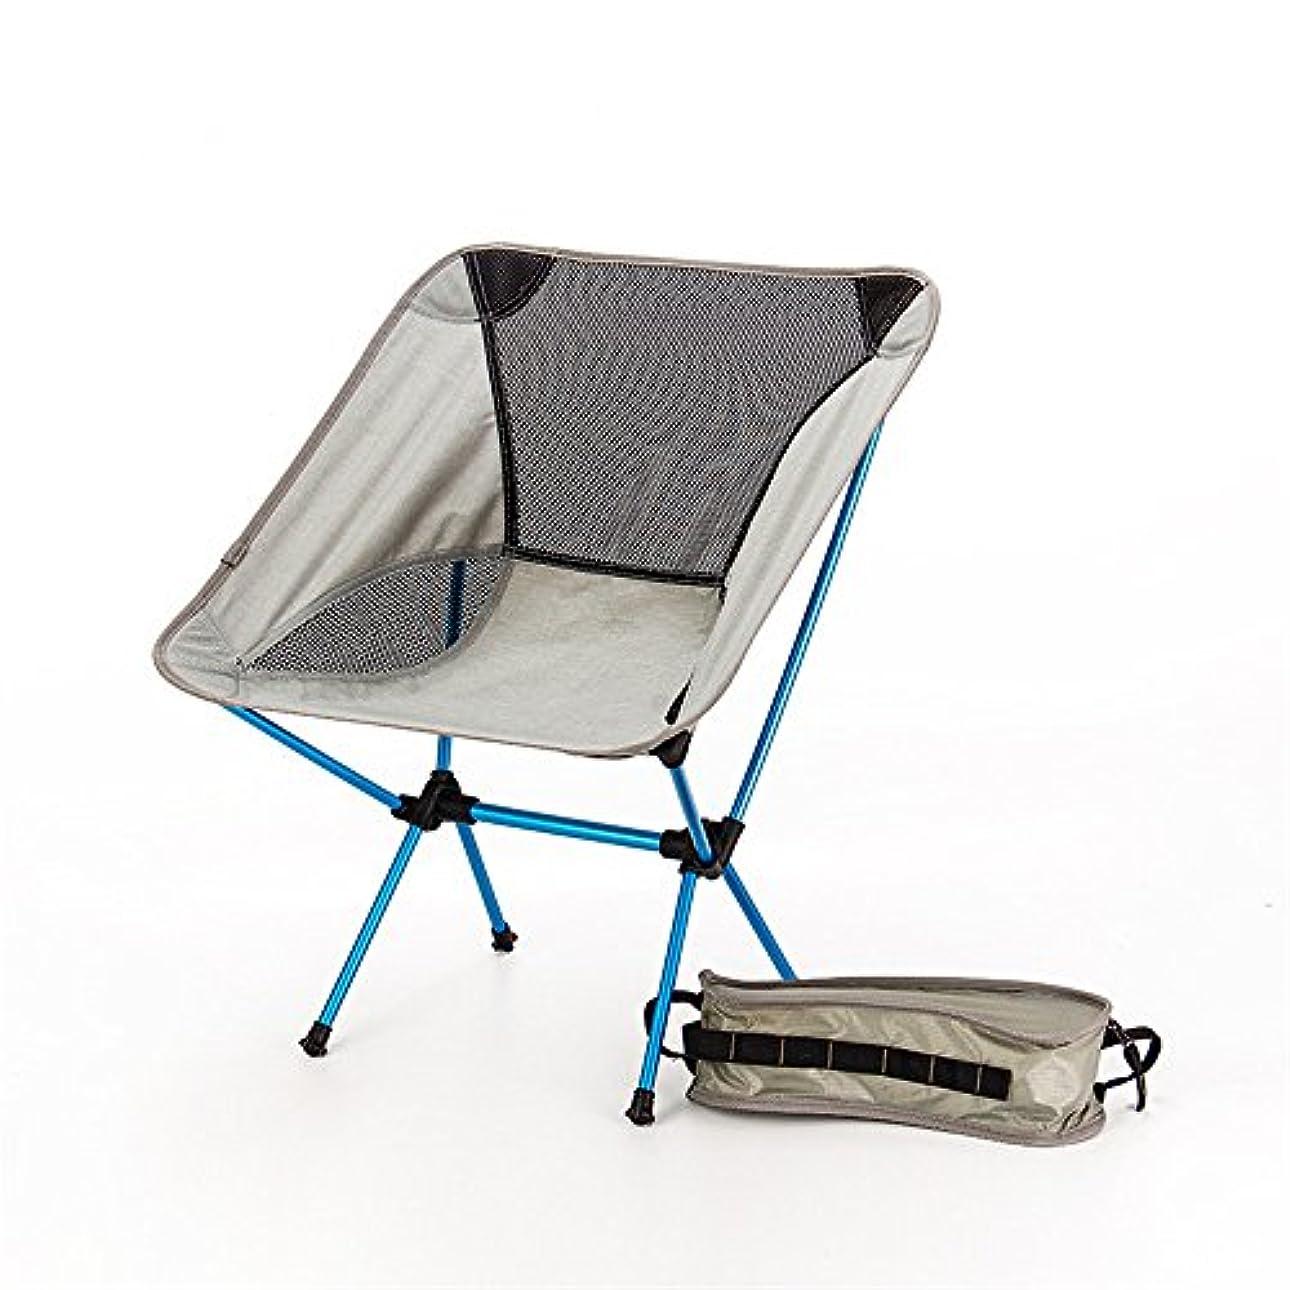 信頼オール合図アウトドアキャンプ航空アルミ合金折りたたみ釣り椅子用キャンプ釣り旅行ハイキングピクニックビーチ アウトドア キャンプ用